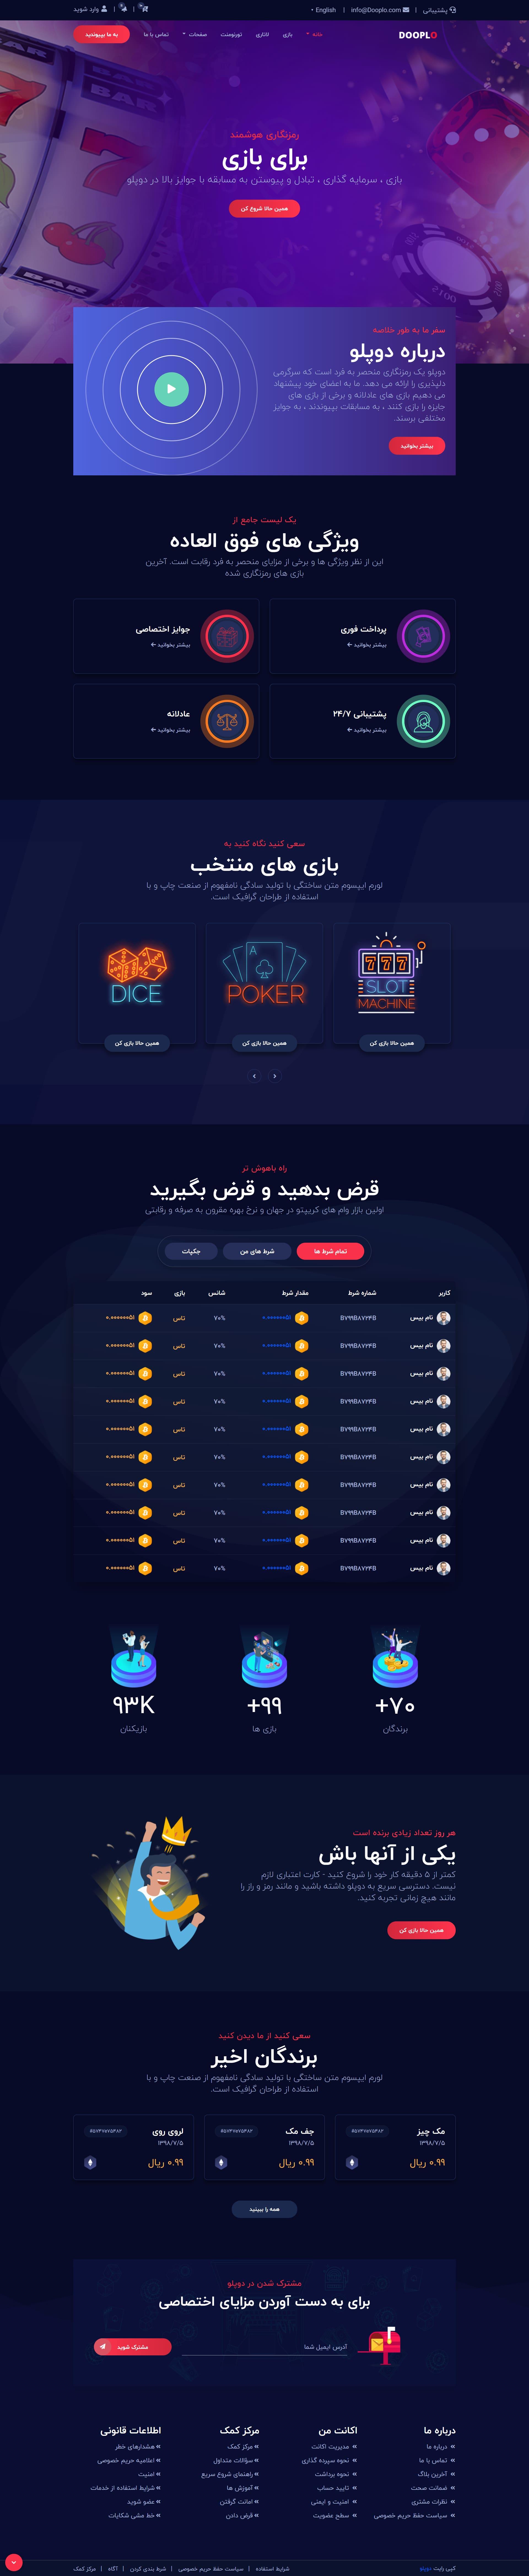 قالب HTML دوپلو  پوسته سایت های بازی و شرکتی